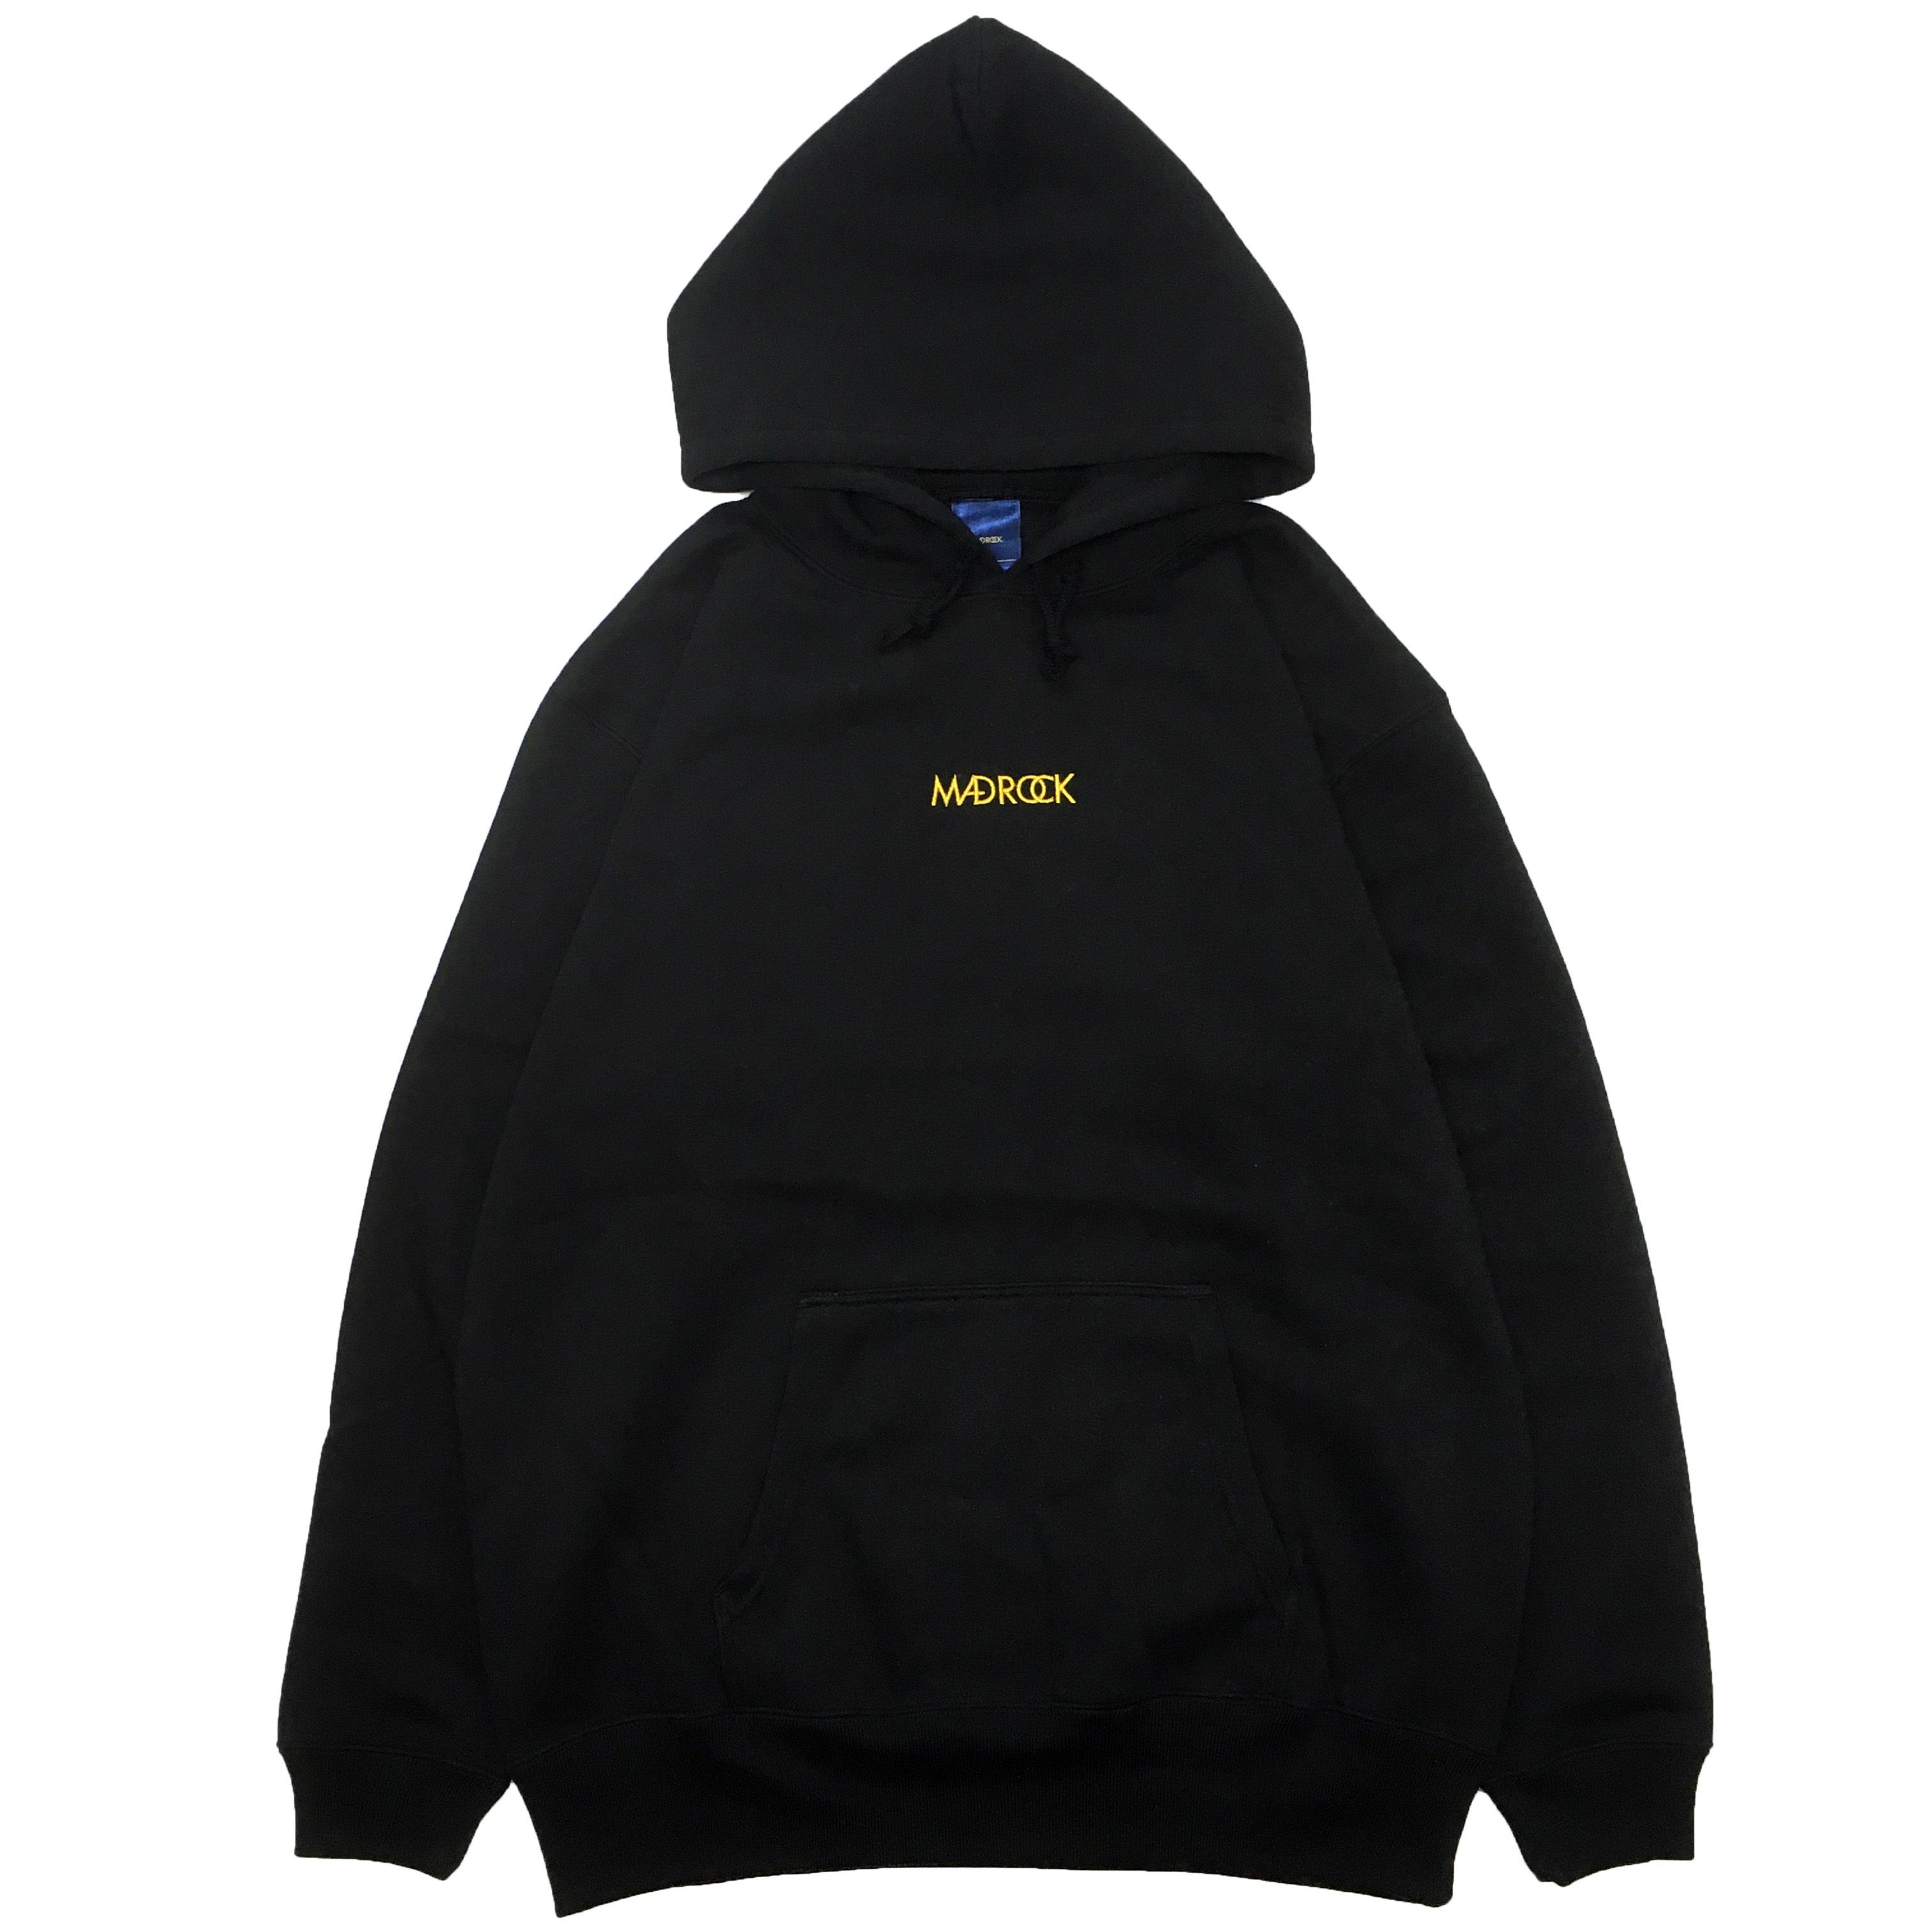 【新色】マッドロック / エンブロイダリースウェットパーカー / ブラック&ゴールド